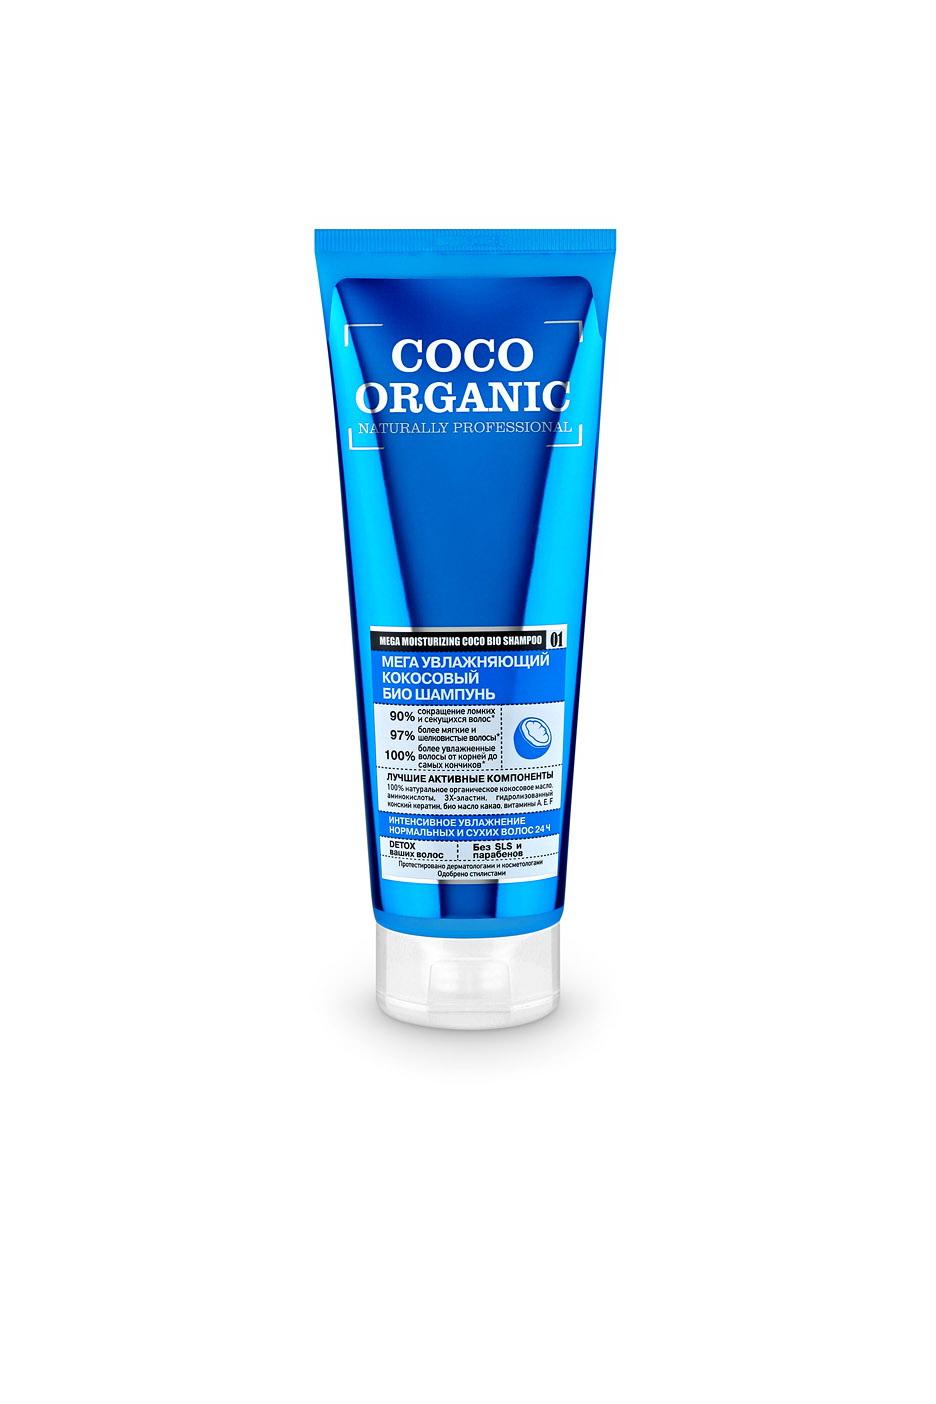 Оrganic Shop Naturally professional Шампунь для волос